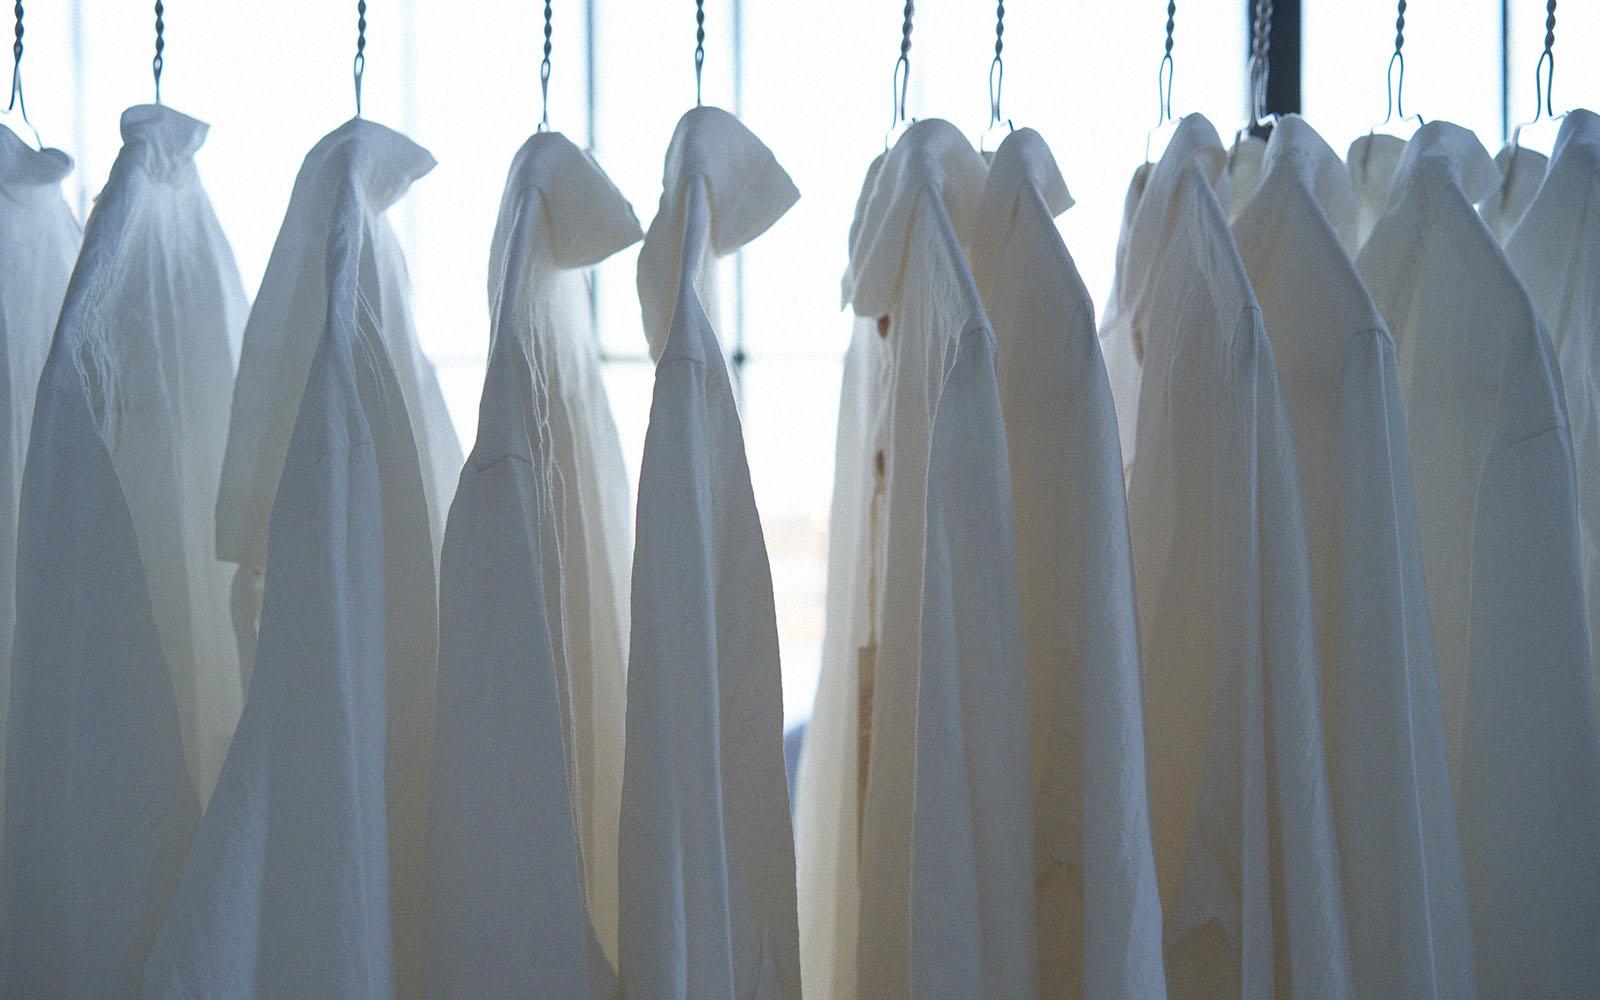 10 cách tẩy vết ố vàng trên quần áo trắng: Hiệu quả 100%! Áp dụng ngay!